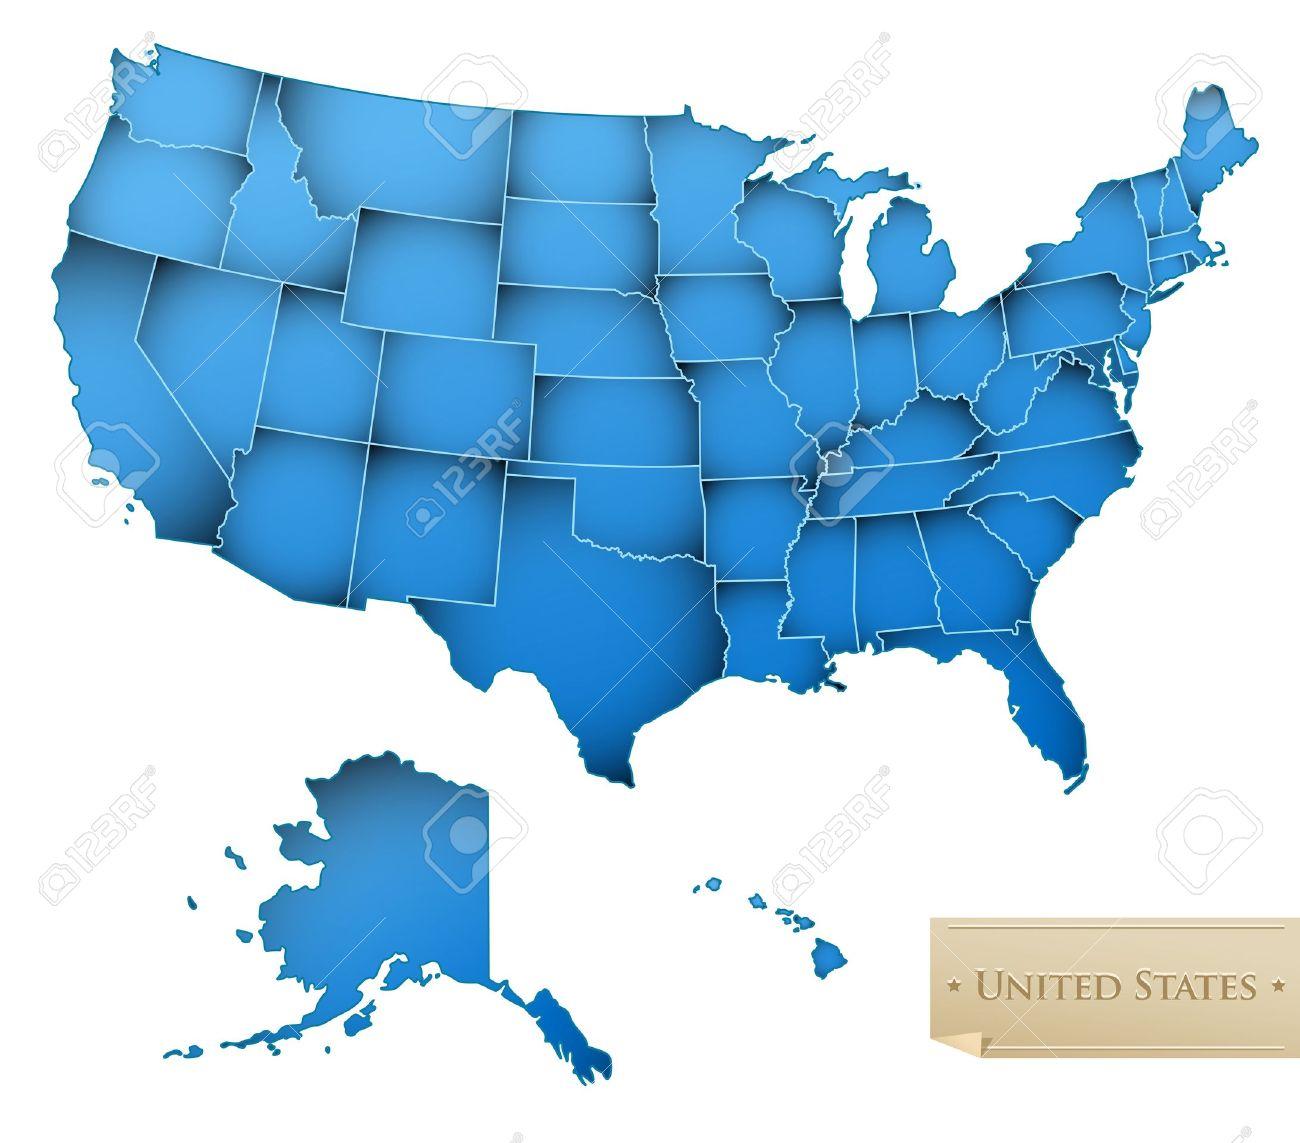 Ee Uu Mapa Estados Unidos De América Con Todos Los 50 Estados Color Azul Aislados En Blanco Vector Ilustraciones Vectoriales Clip Art Vectorizado Libre De Derechos Image 11473856